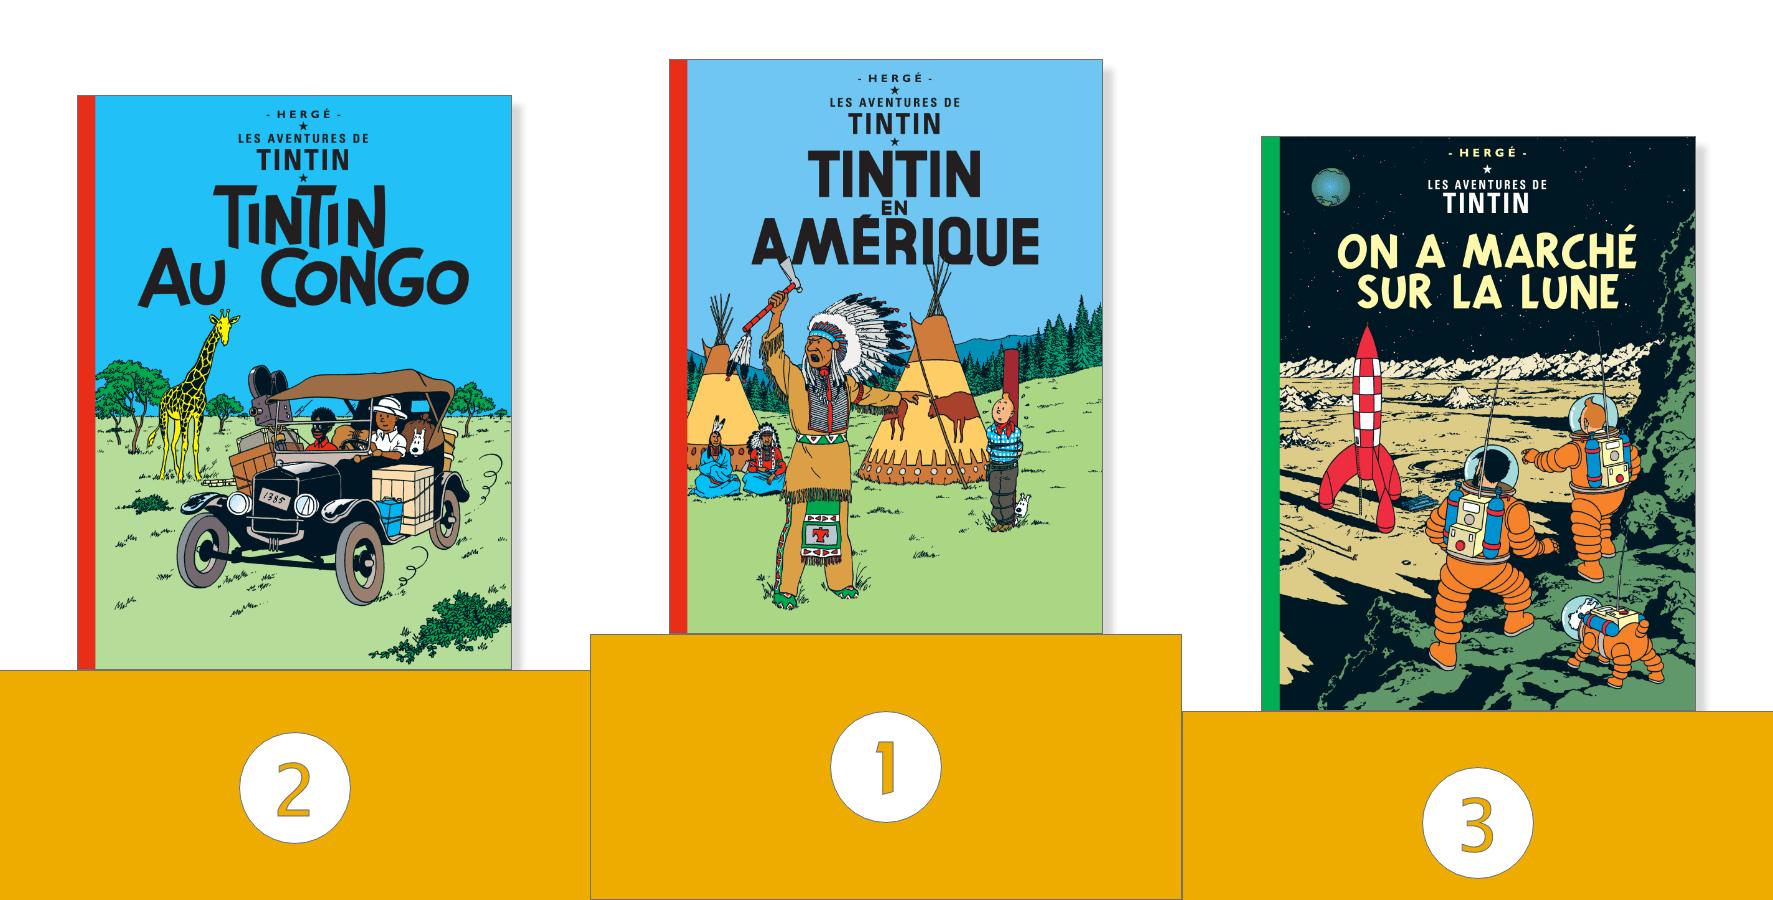 Les Aventures de Tintin au Congo - Tintin en Amérique - On a marché sur la Lune